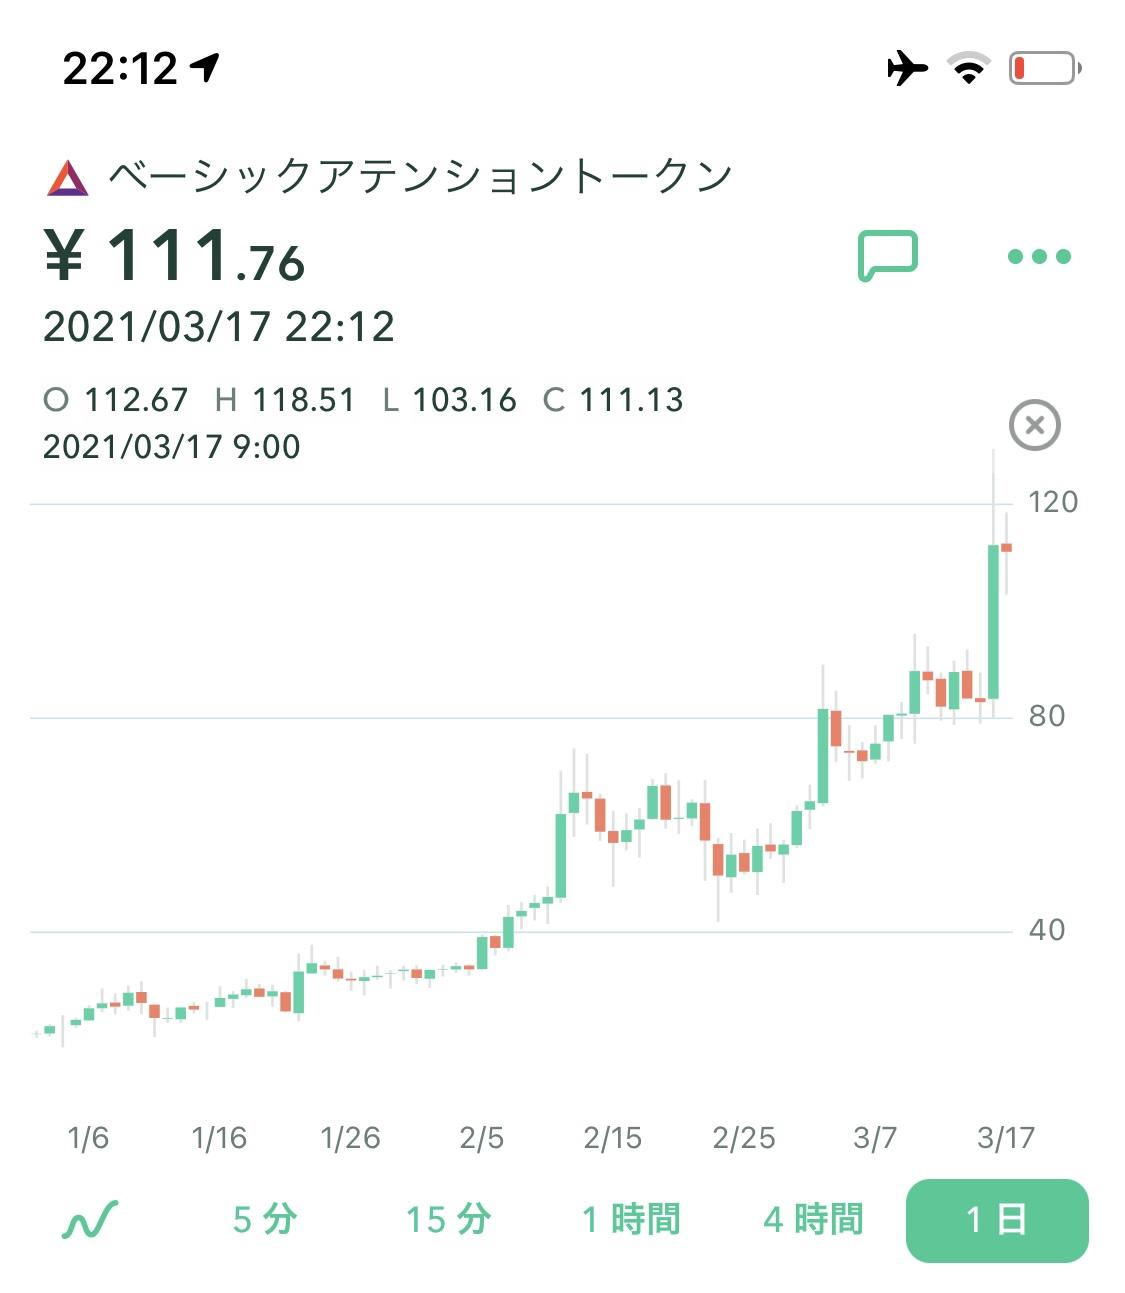 110円突破!BAT(Bsic Attention Token)。ビットバンクへ上場。仮想通貨/暗号資産/ブラウザブレイブ関連最新情報 2021年3月